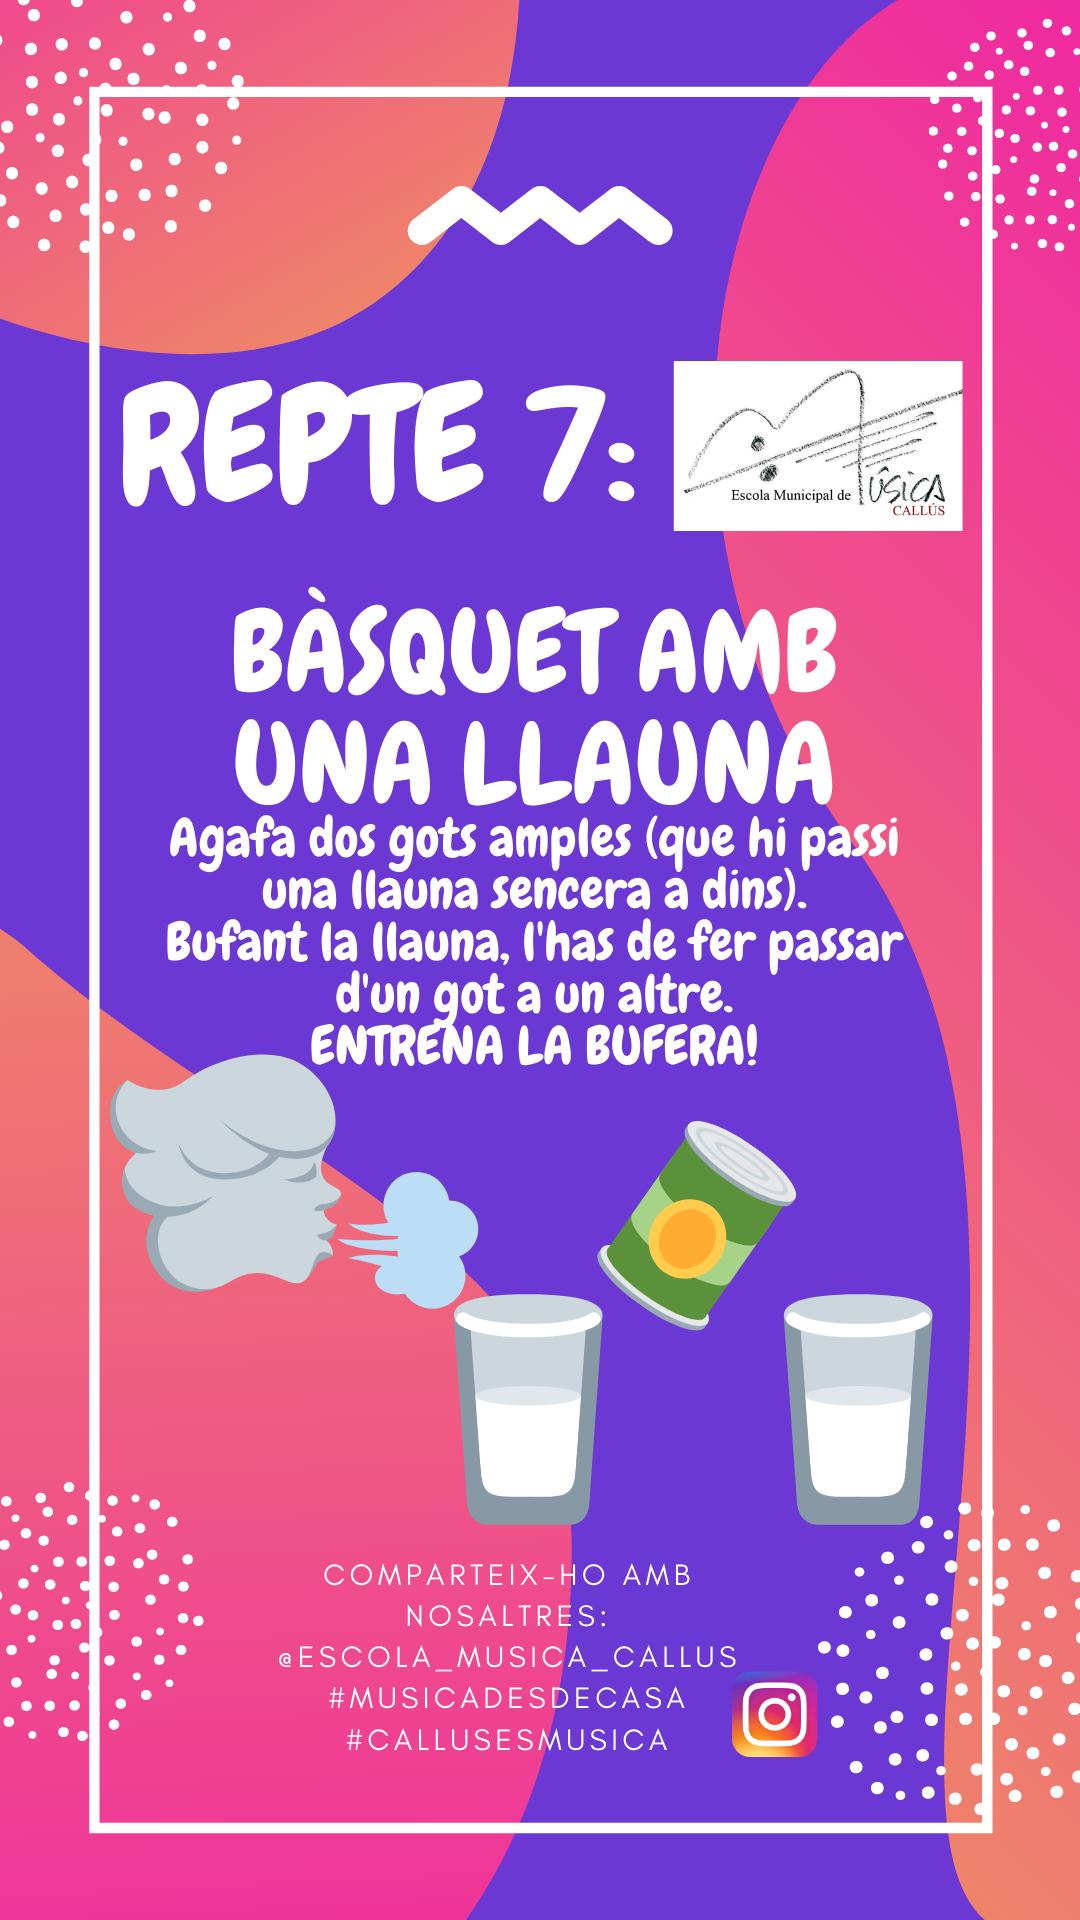 repte7